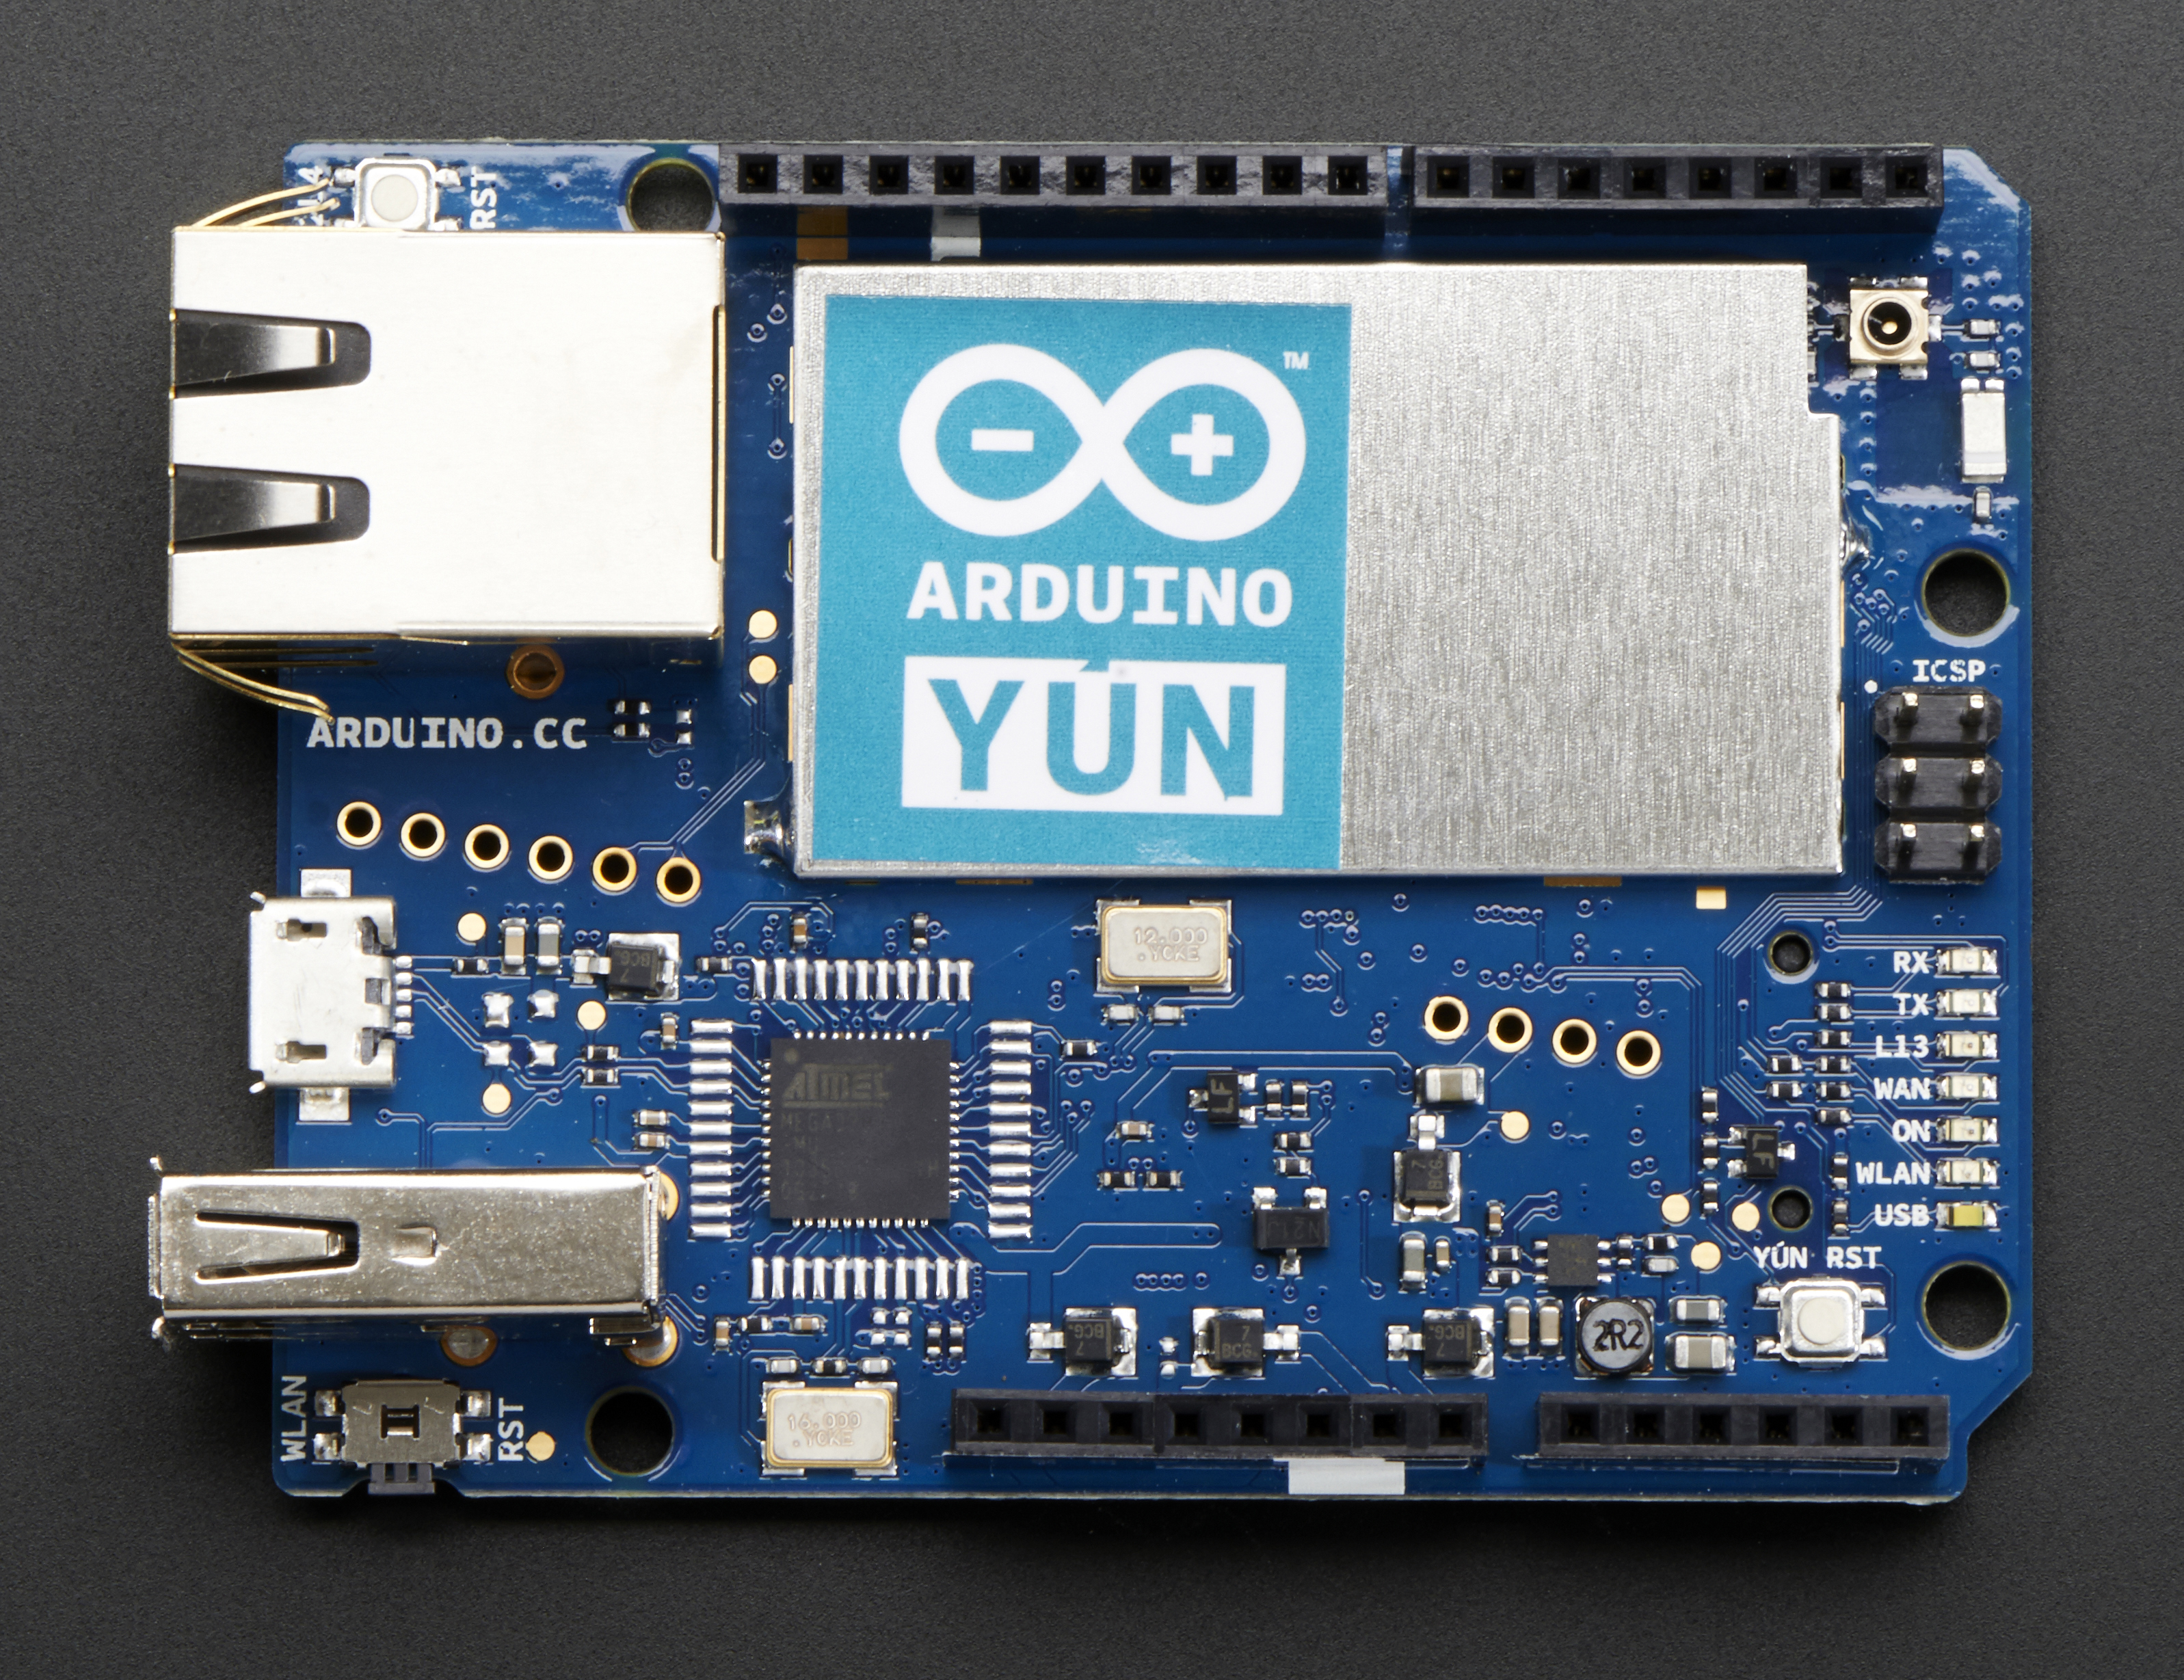 learn_arduino_Arduino_Yun.jpg